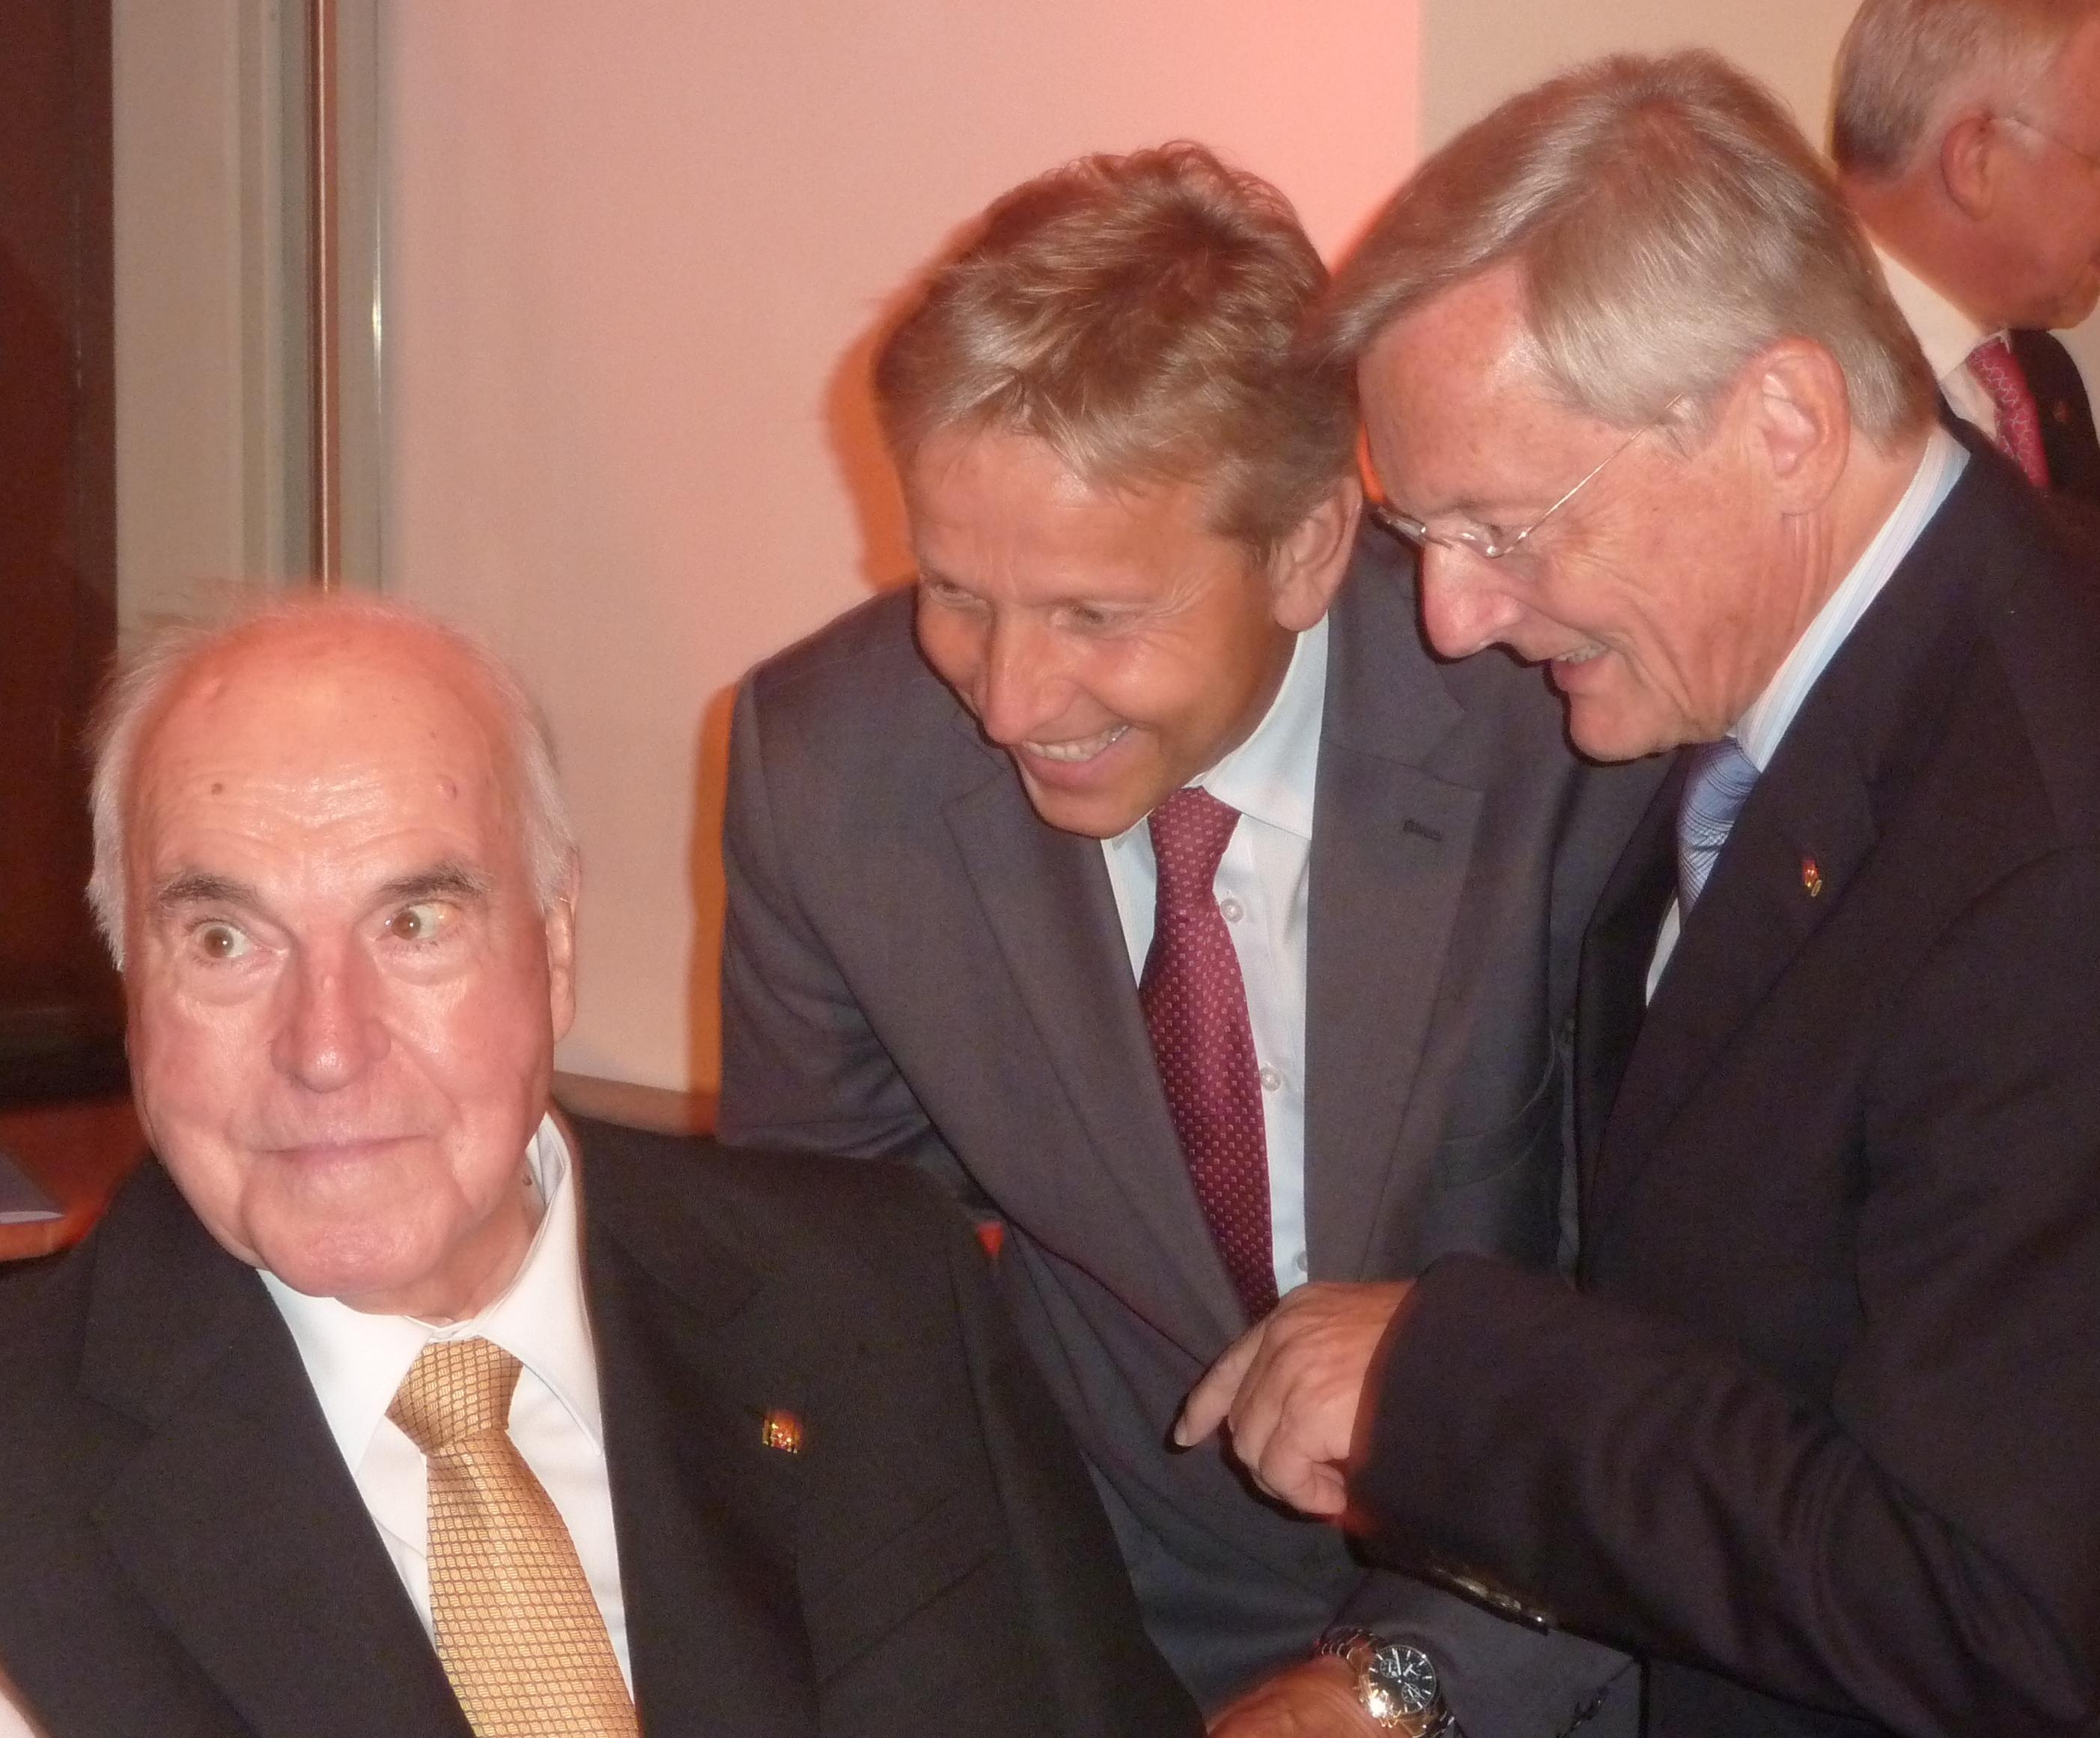 (c) BMEIA, Altbundeskanzler Wolfgang Schüssel und STS Reinhold Lopatka gratulieren Helmut Kohl persönlich und danken für seine tiefe Verbundenheit zu Österreich.